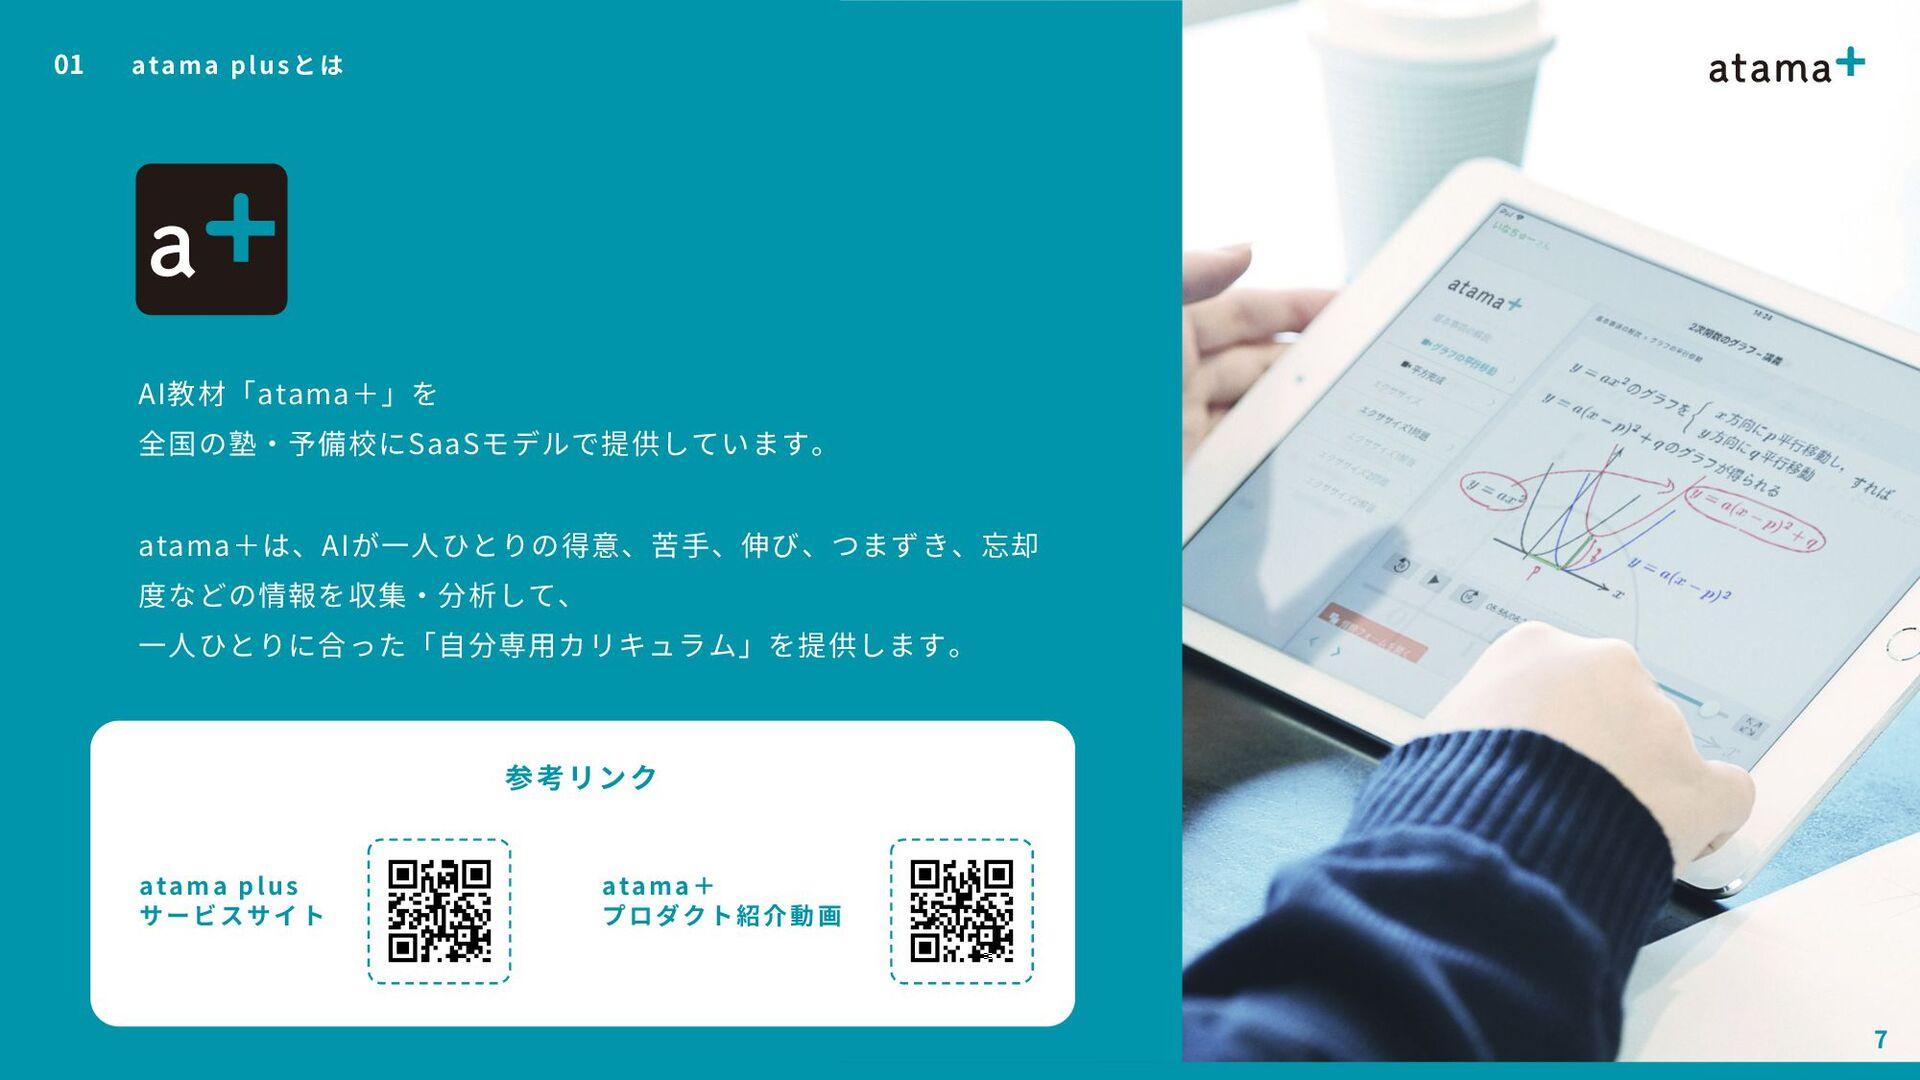 atama plusが開発するプロダクトは、タブレット教材アプリ 「atama+」です。 全国...